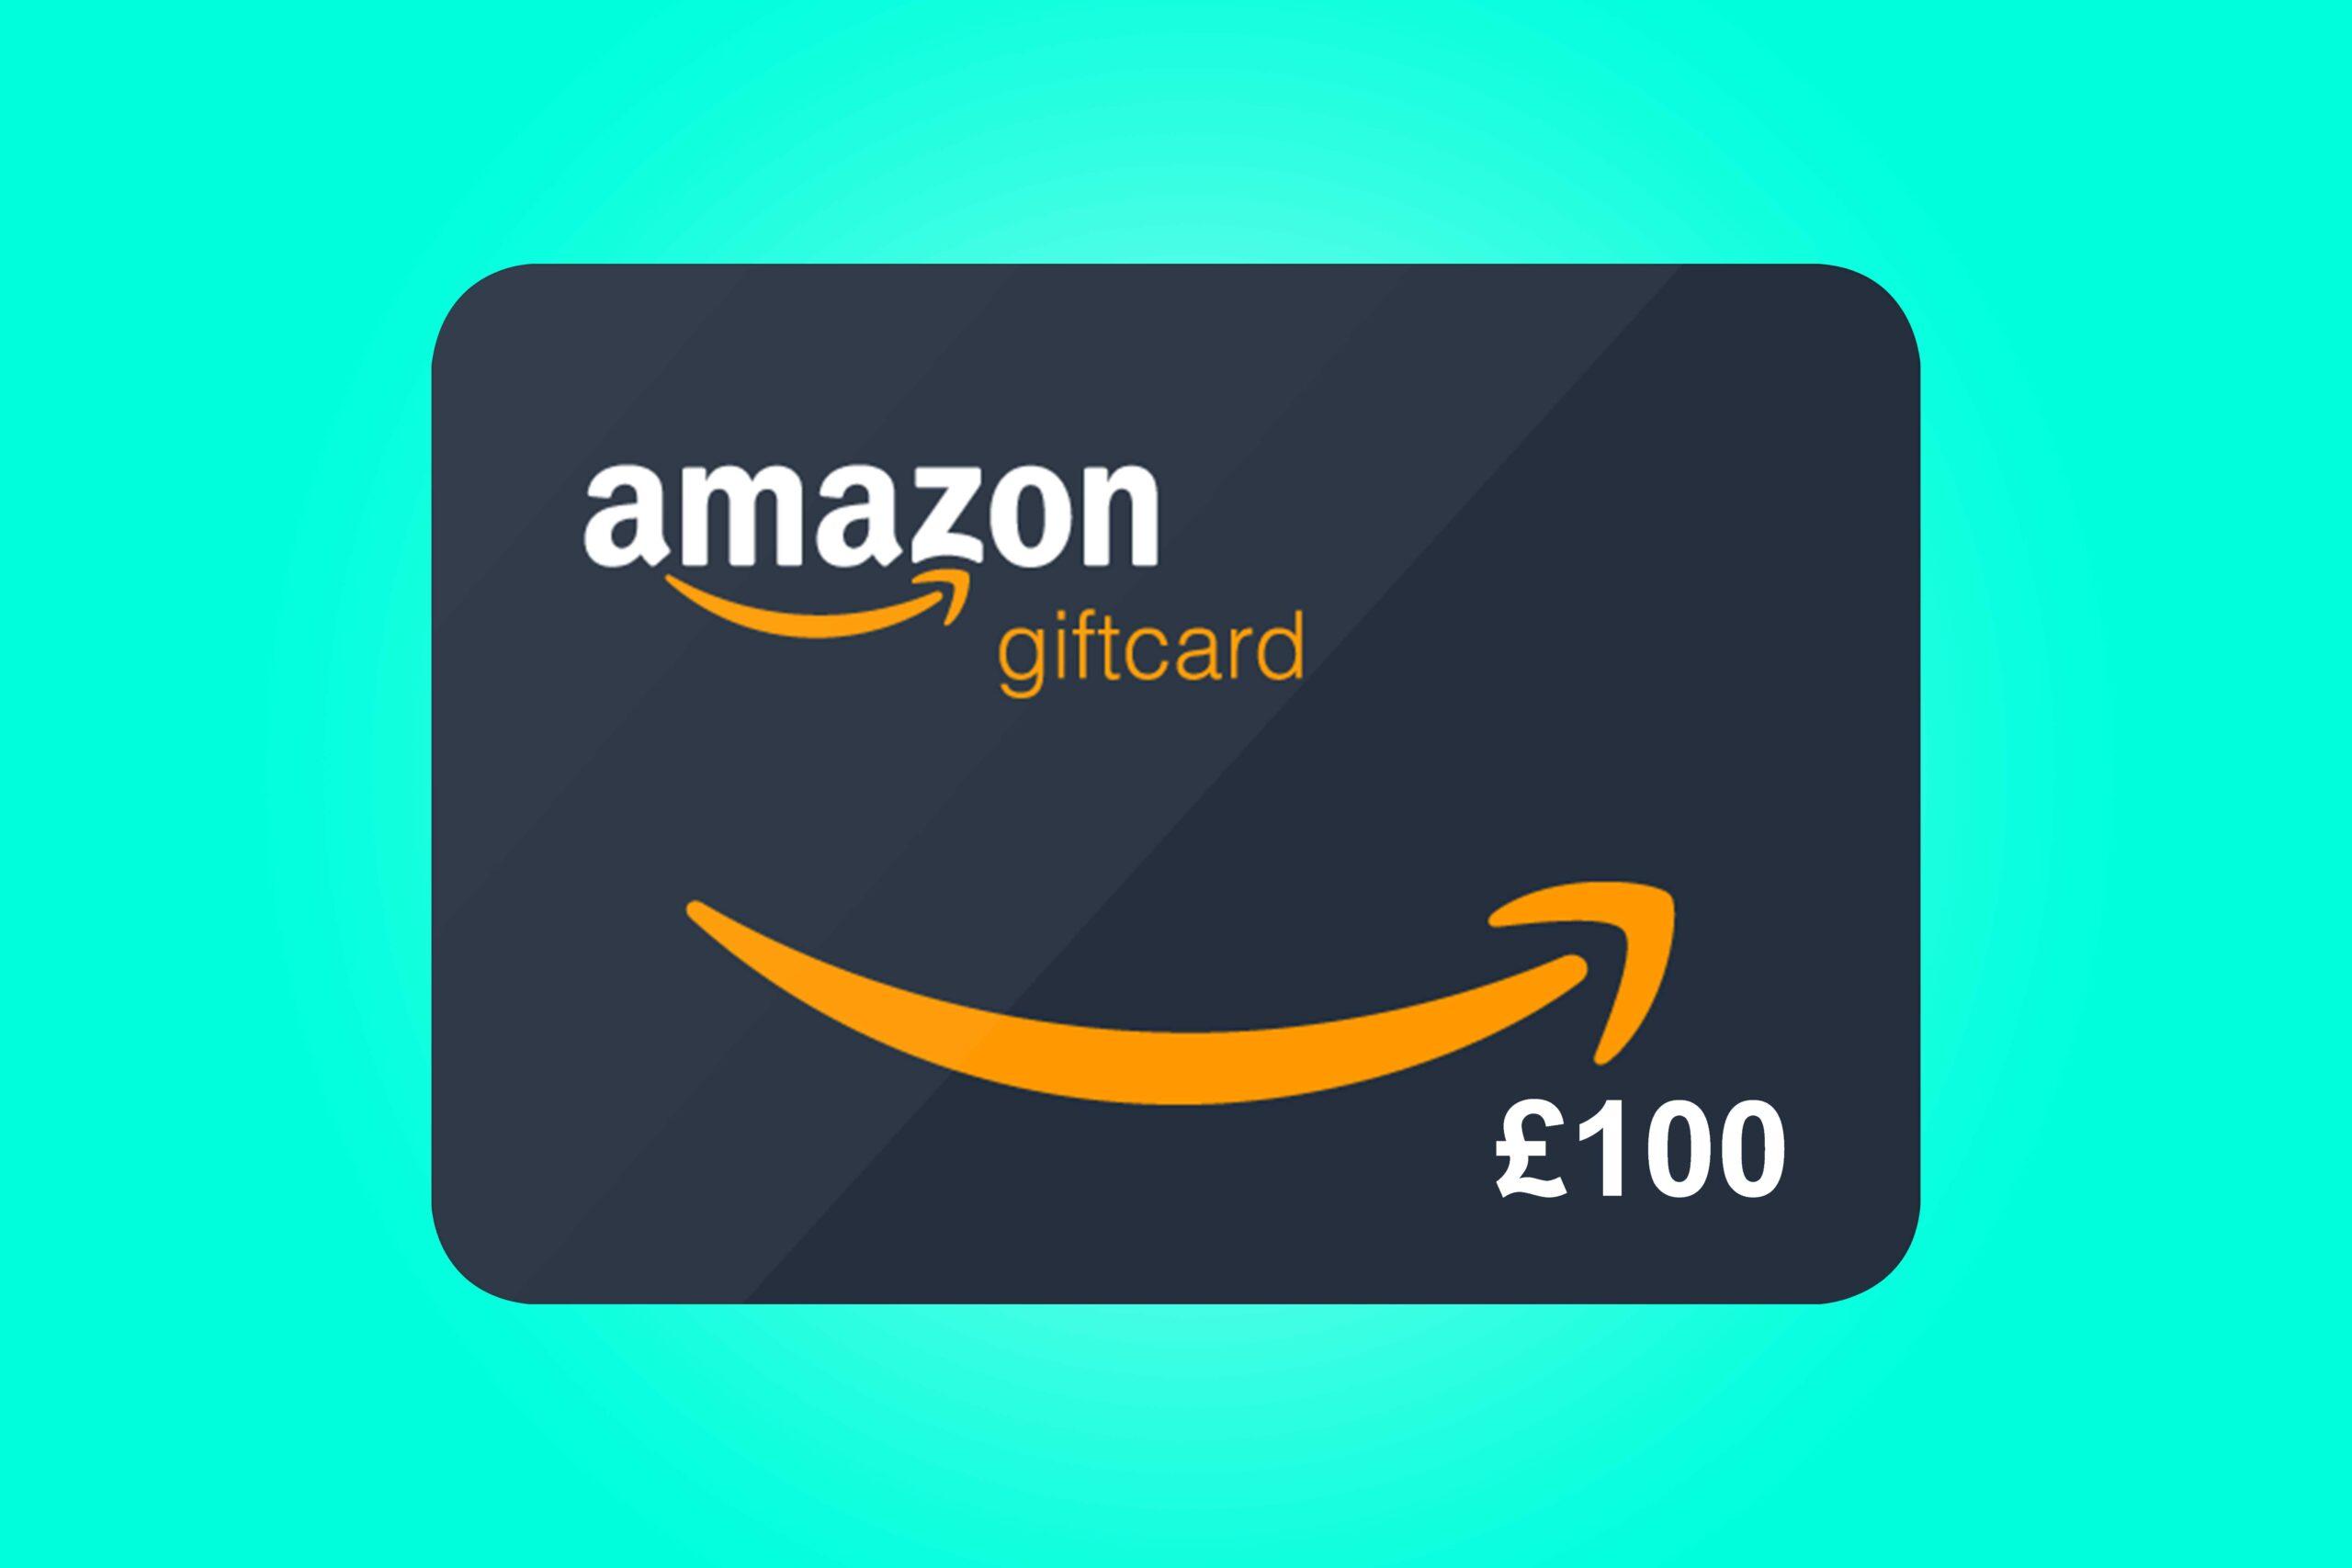 GiftCard-Amazon-£100